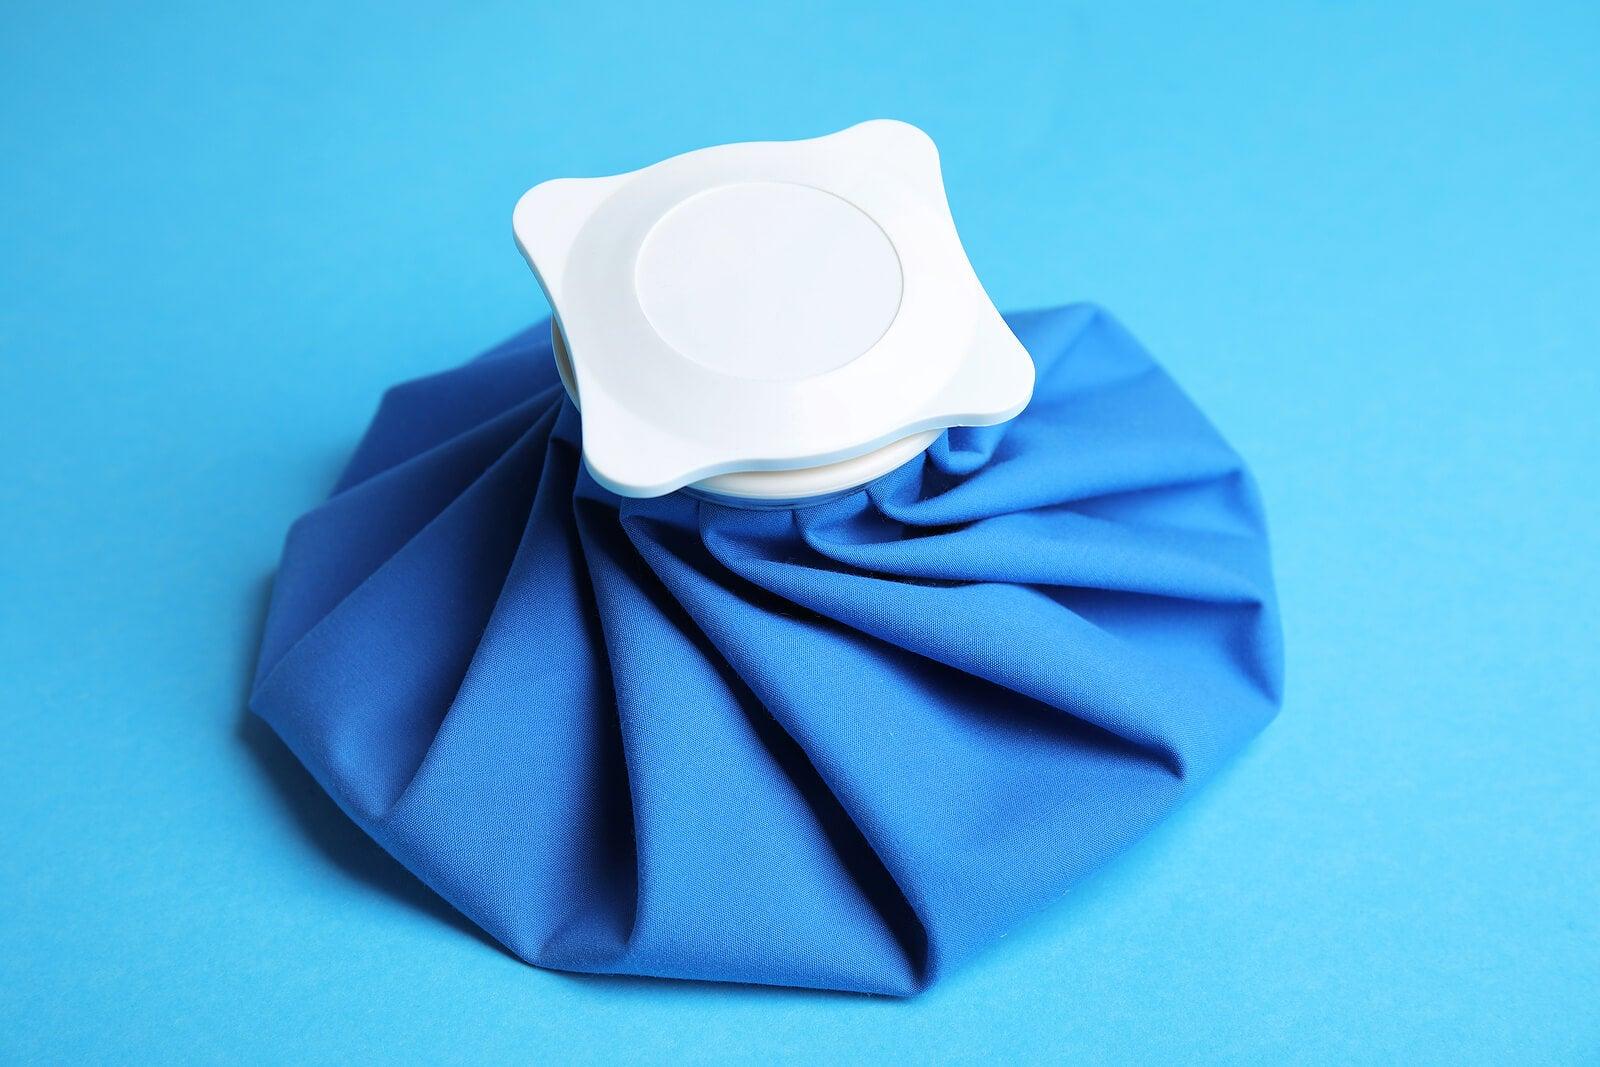 Las compresas frías y calientes contribuyen con el alivio de molestias varias.